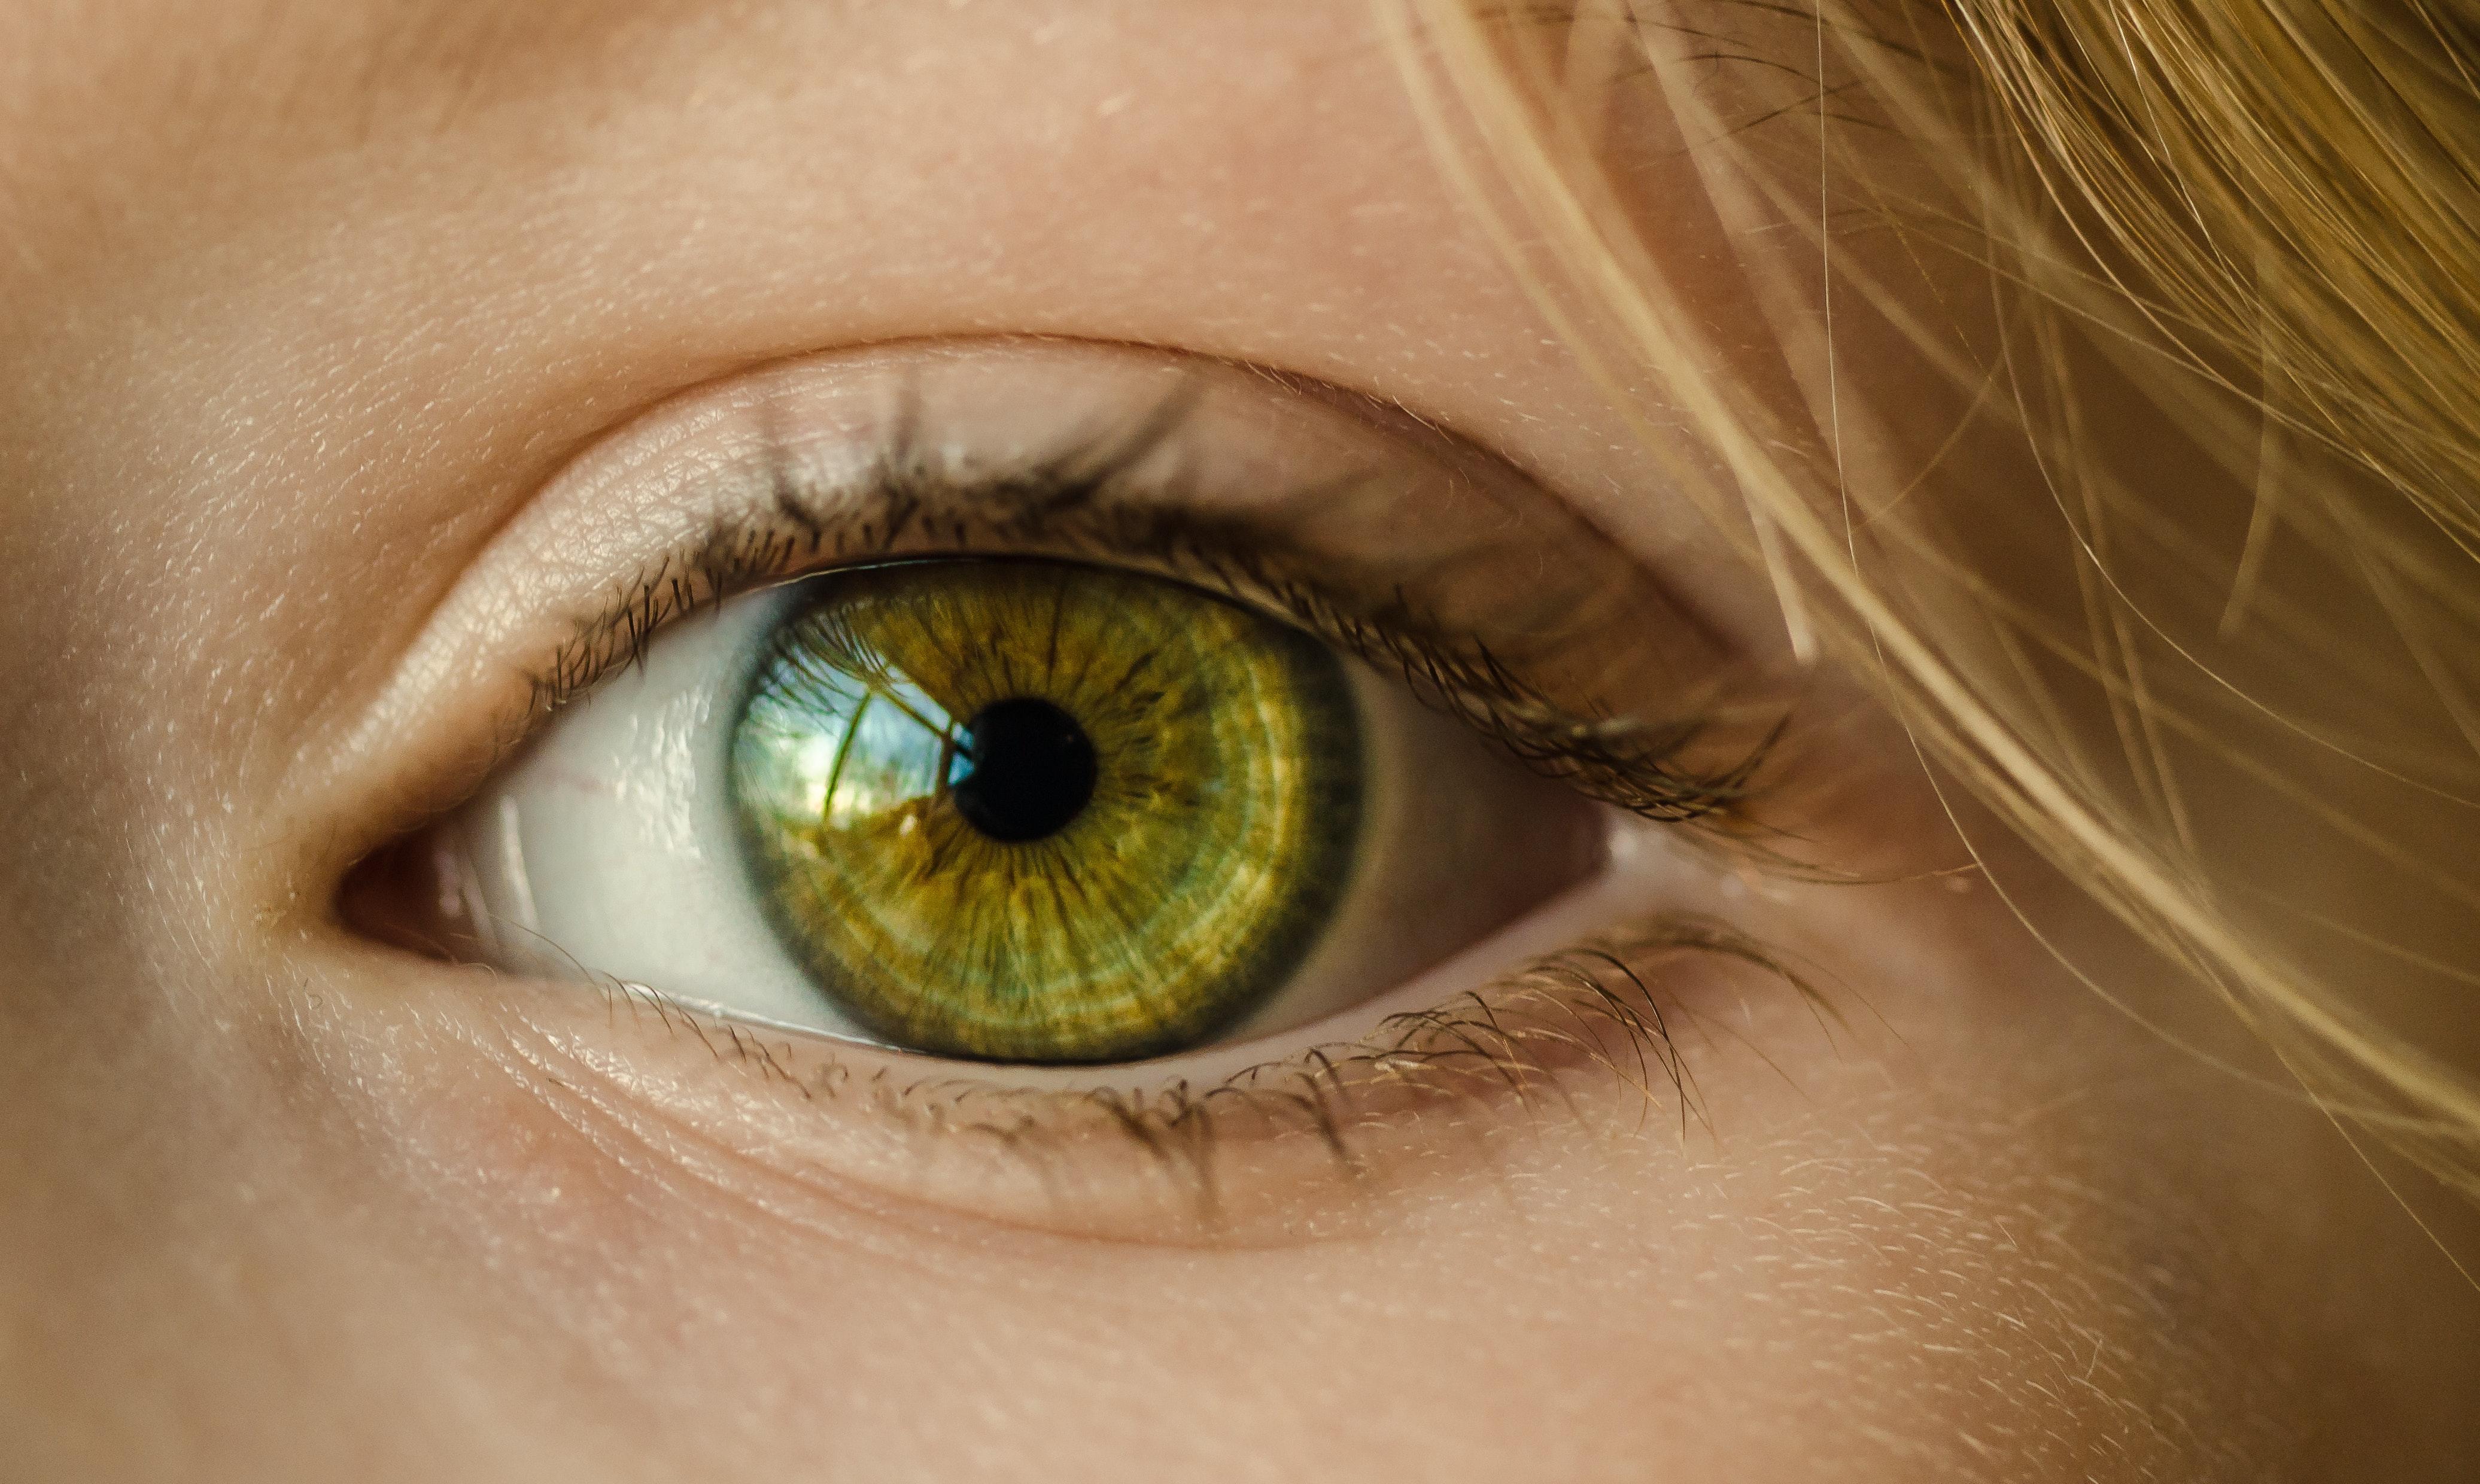 Santé visuelle : prendre soin de ses yeux, c'est important